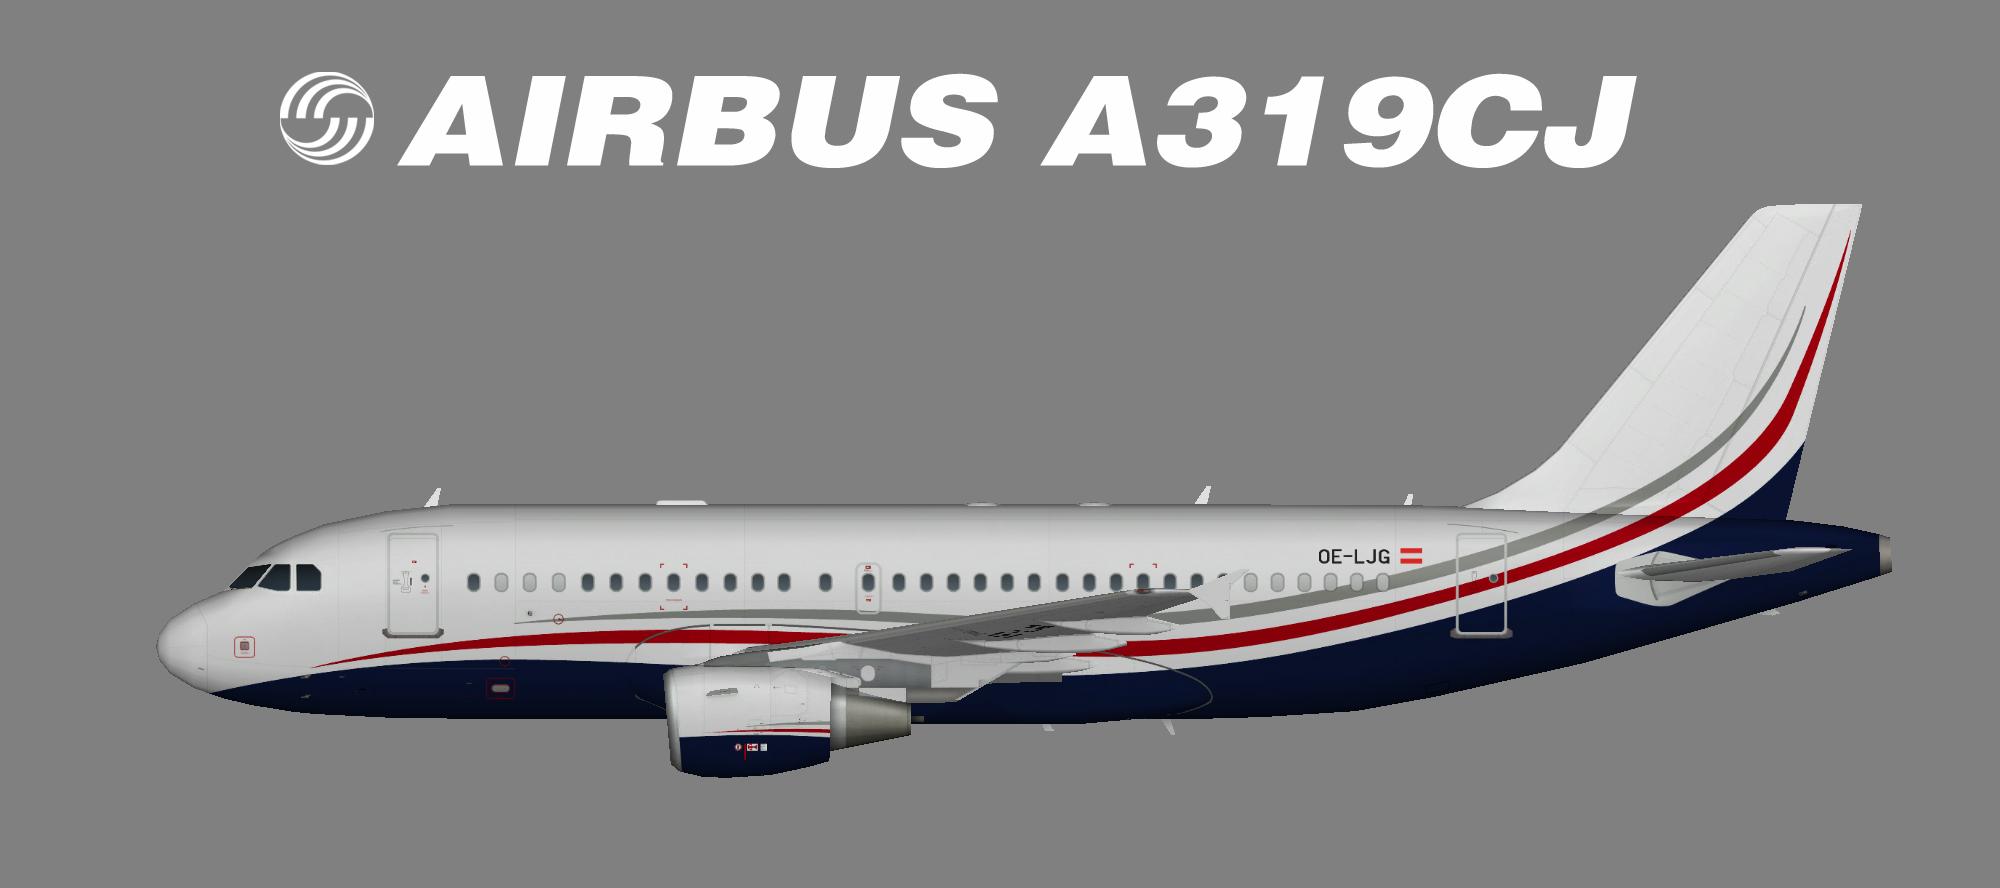 MJet A319-100CJ